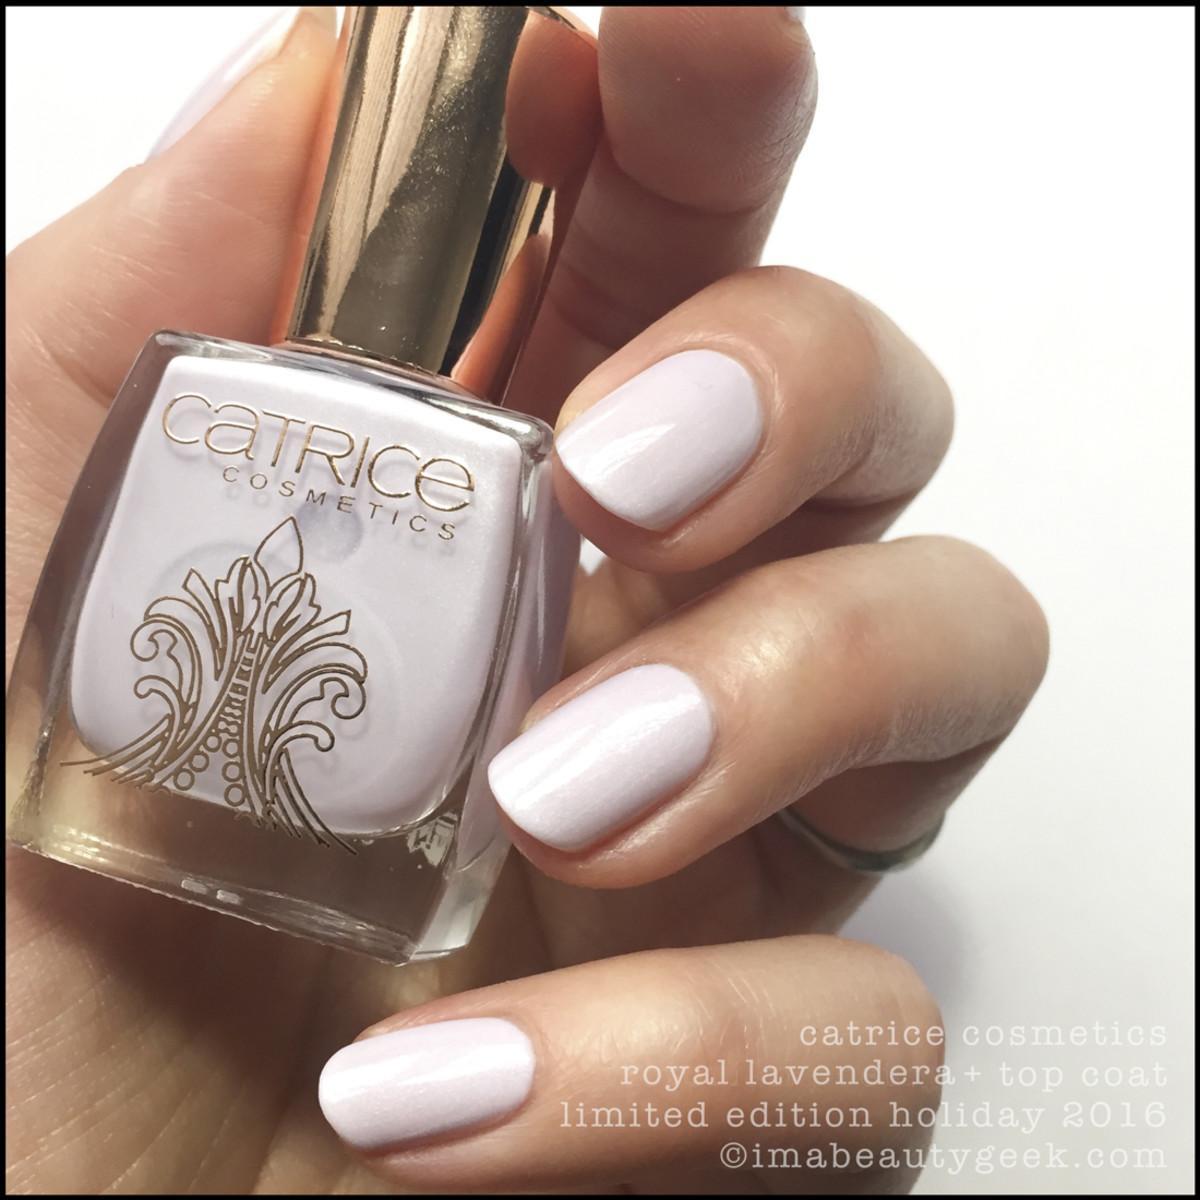 Catrice Royal Lavendera Nail Polish with Top Coat